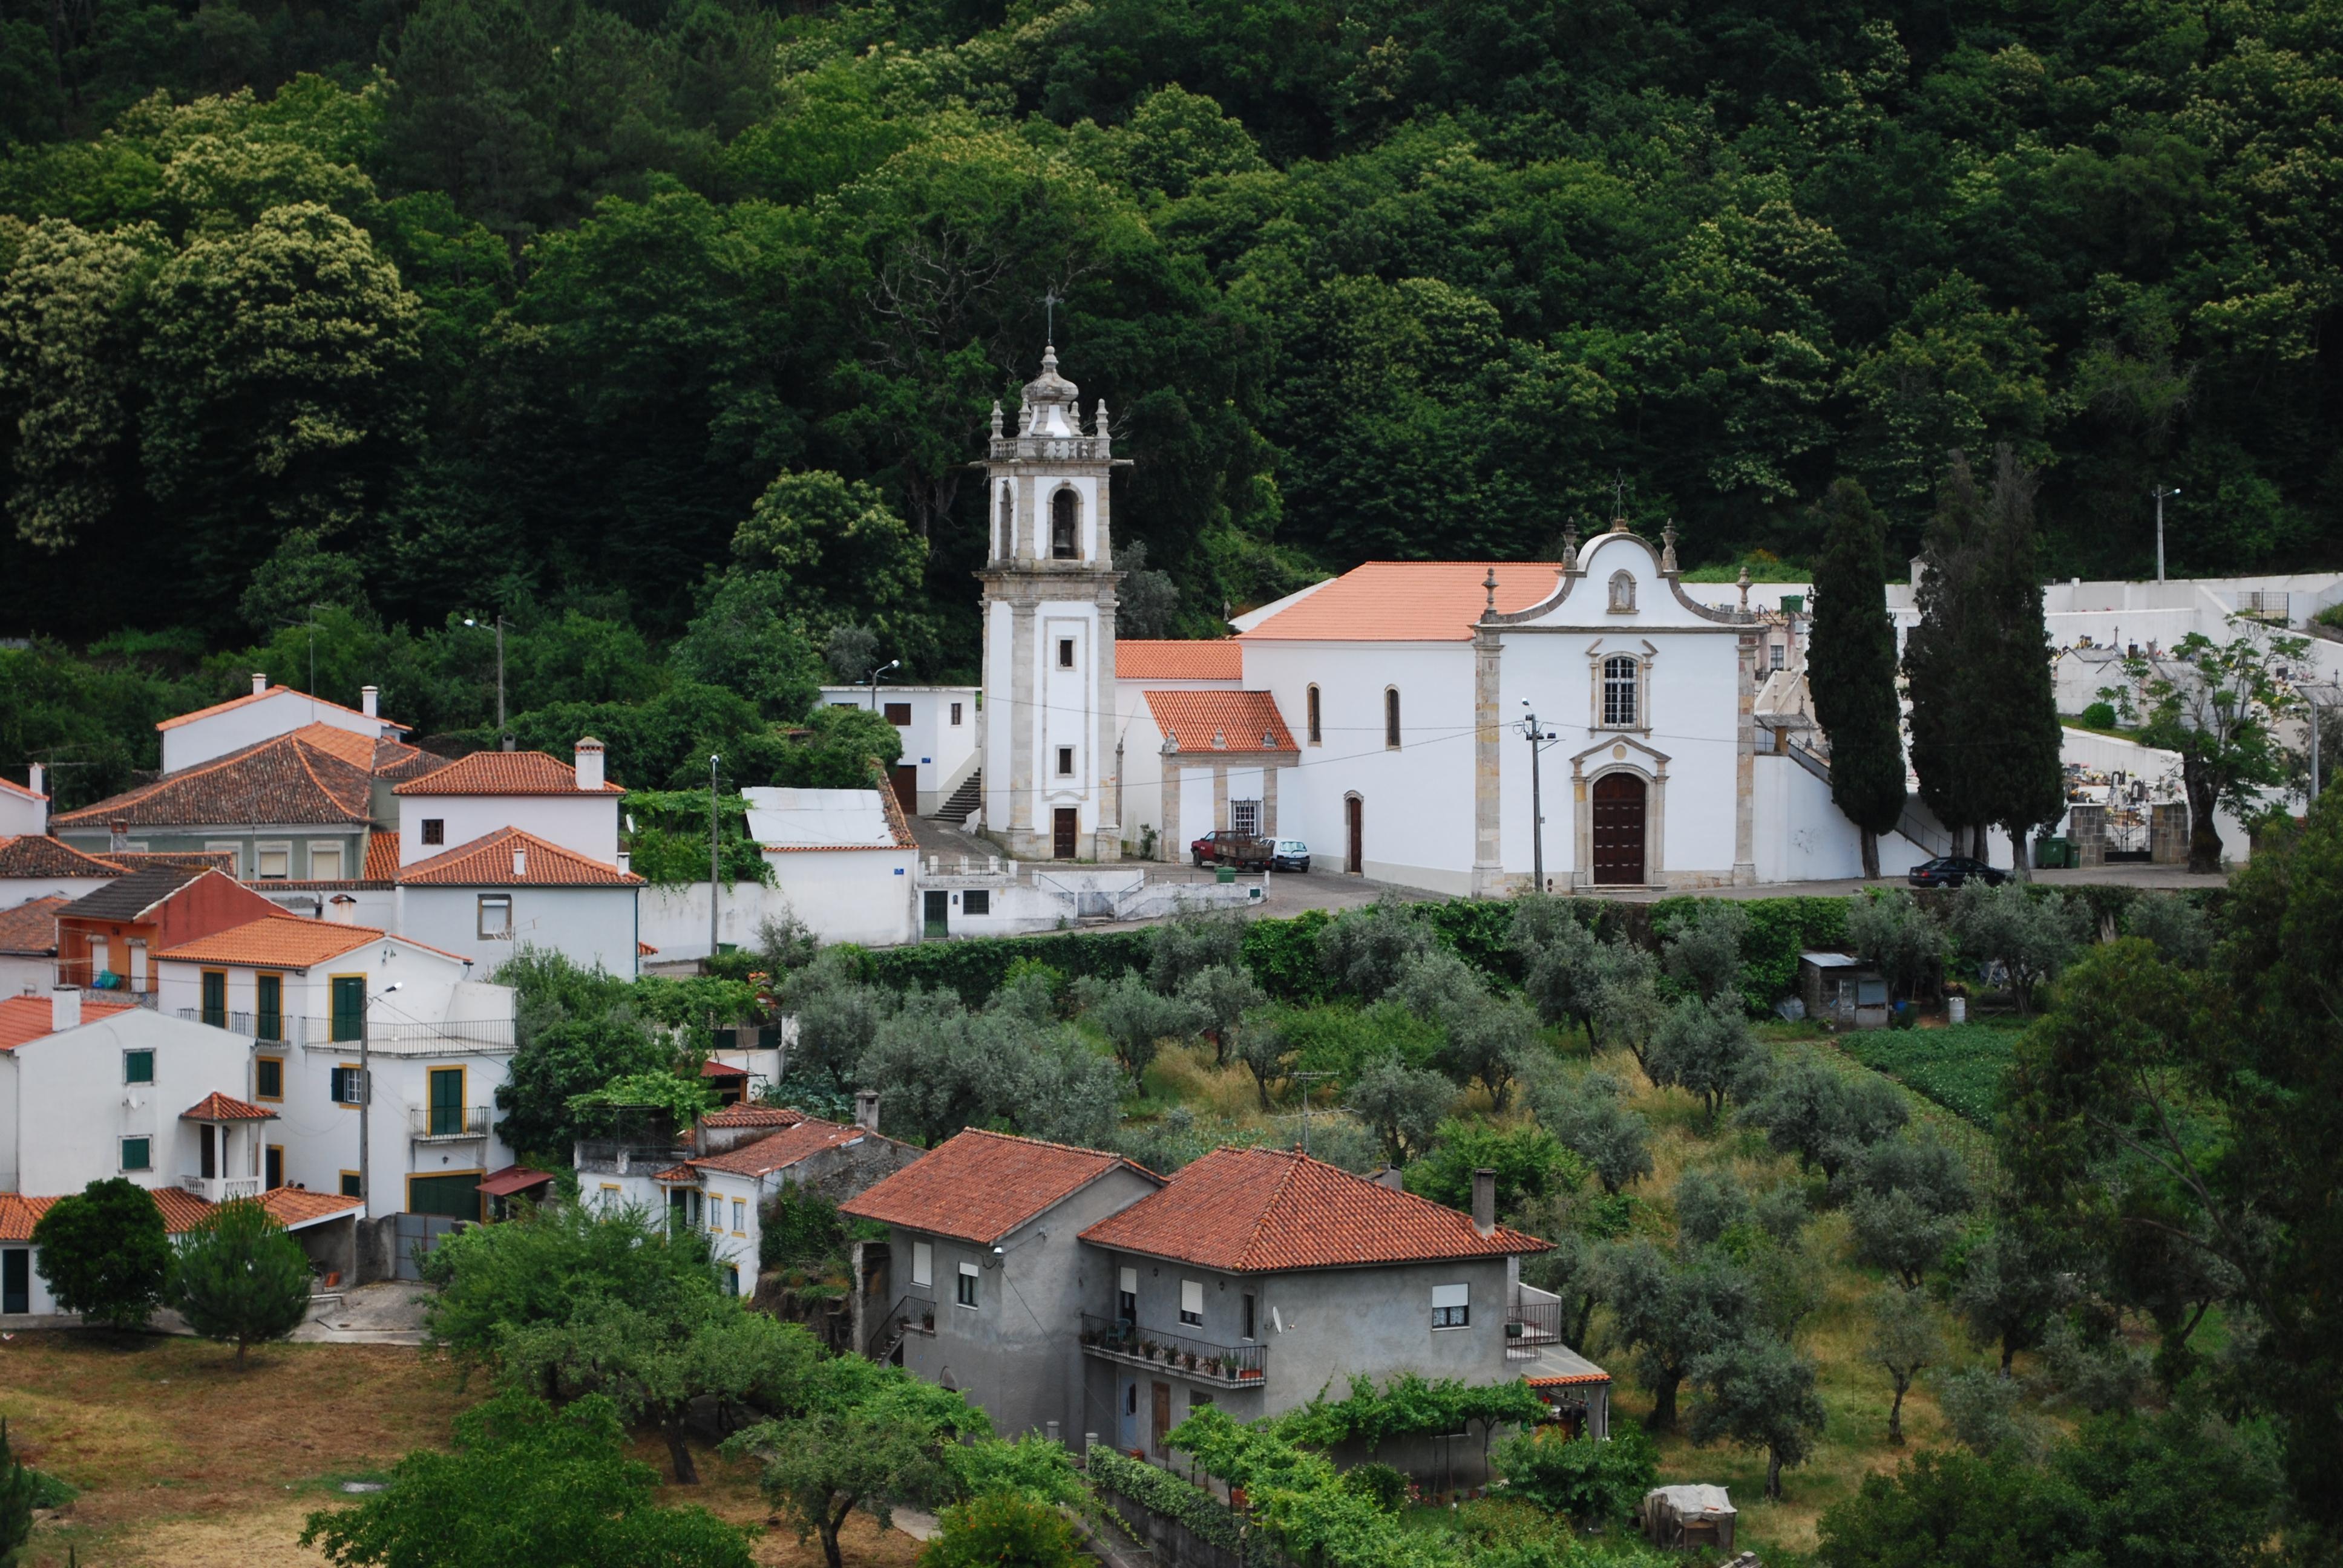 Ficheiro:Igreja de Góis - Exterior.jpg – Wikipédia, a enciclopédia ...